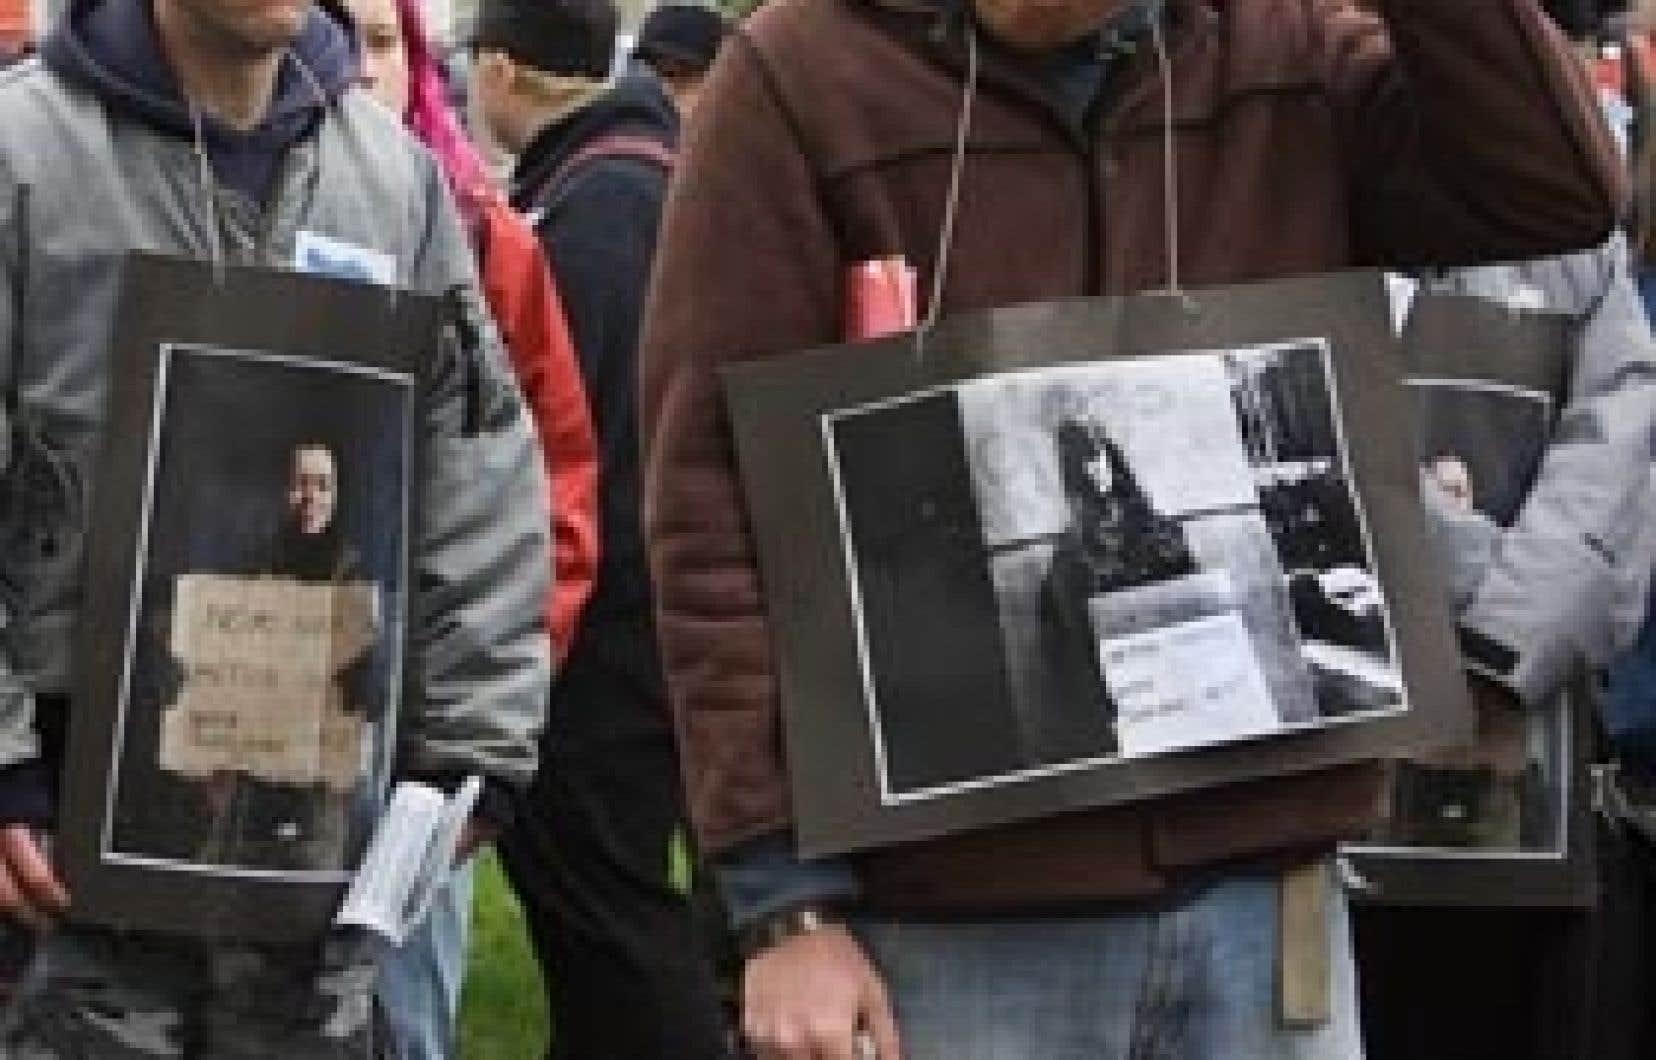 Photo prise lors d'une manifestation contre la judiciarisation des itinérants.